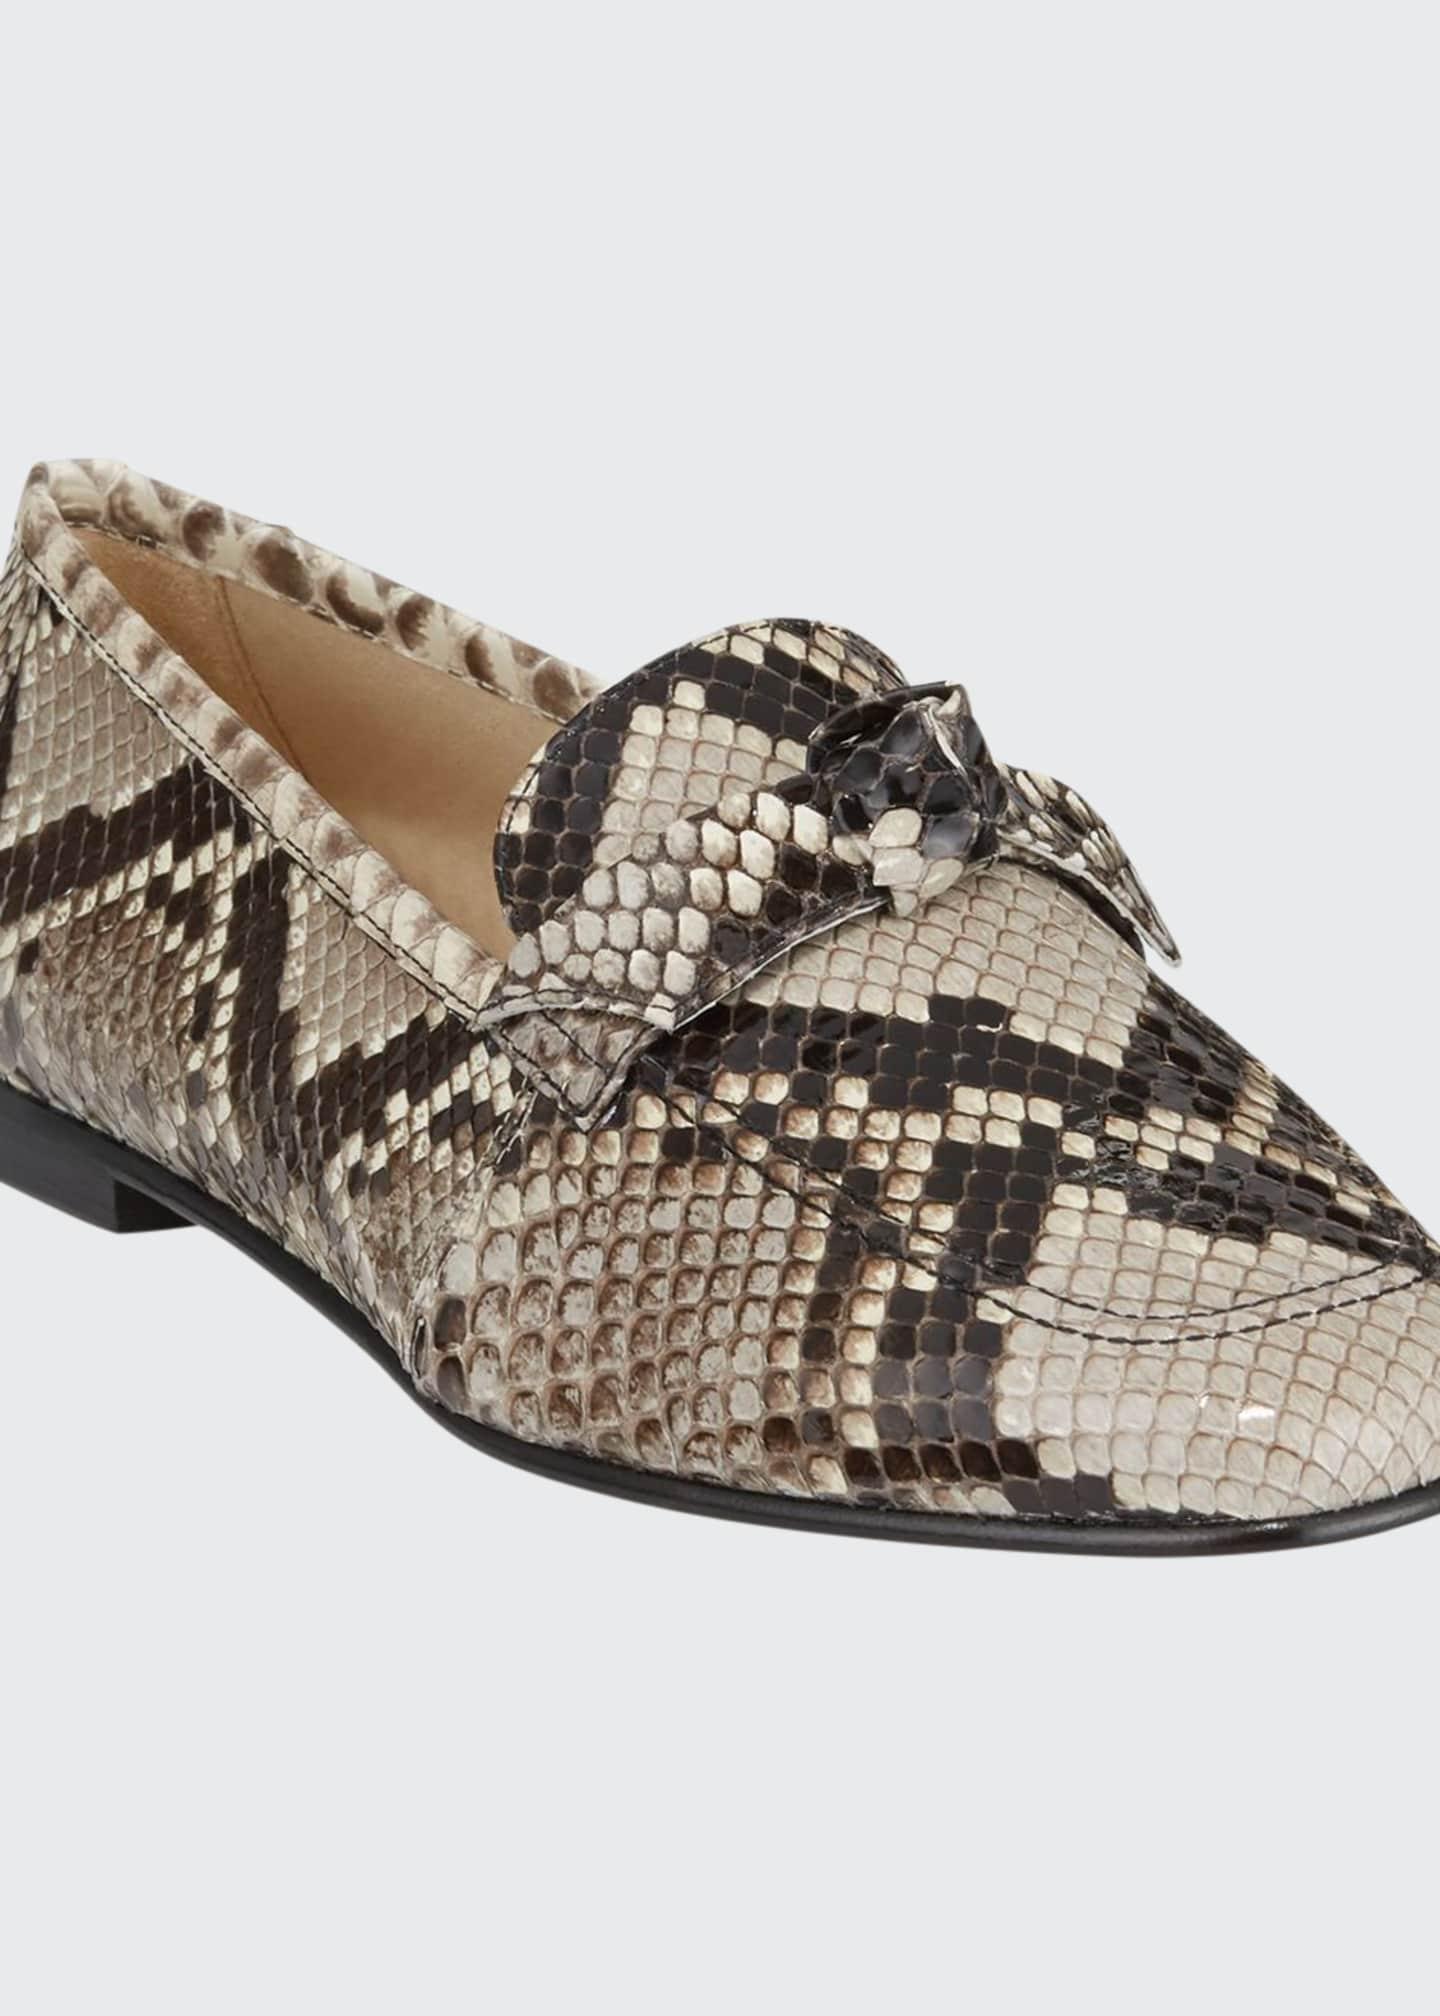 Alexandre Birman Becky Python Bow Loafers